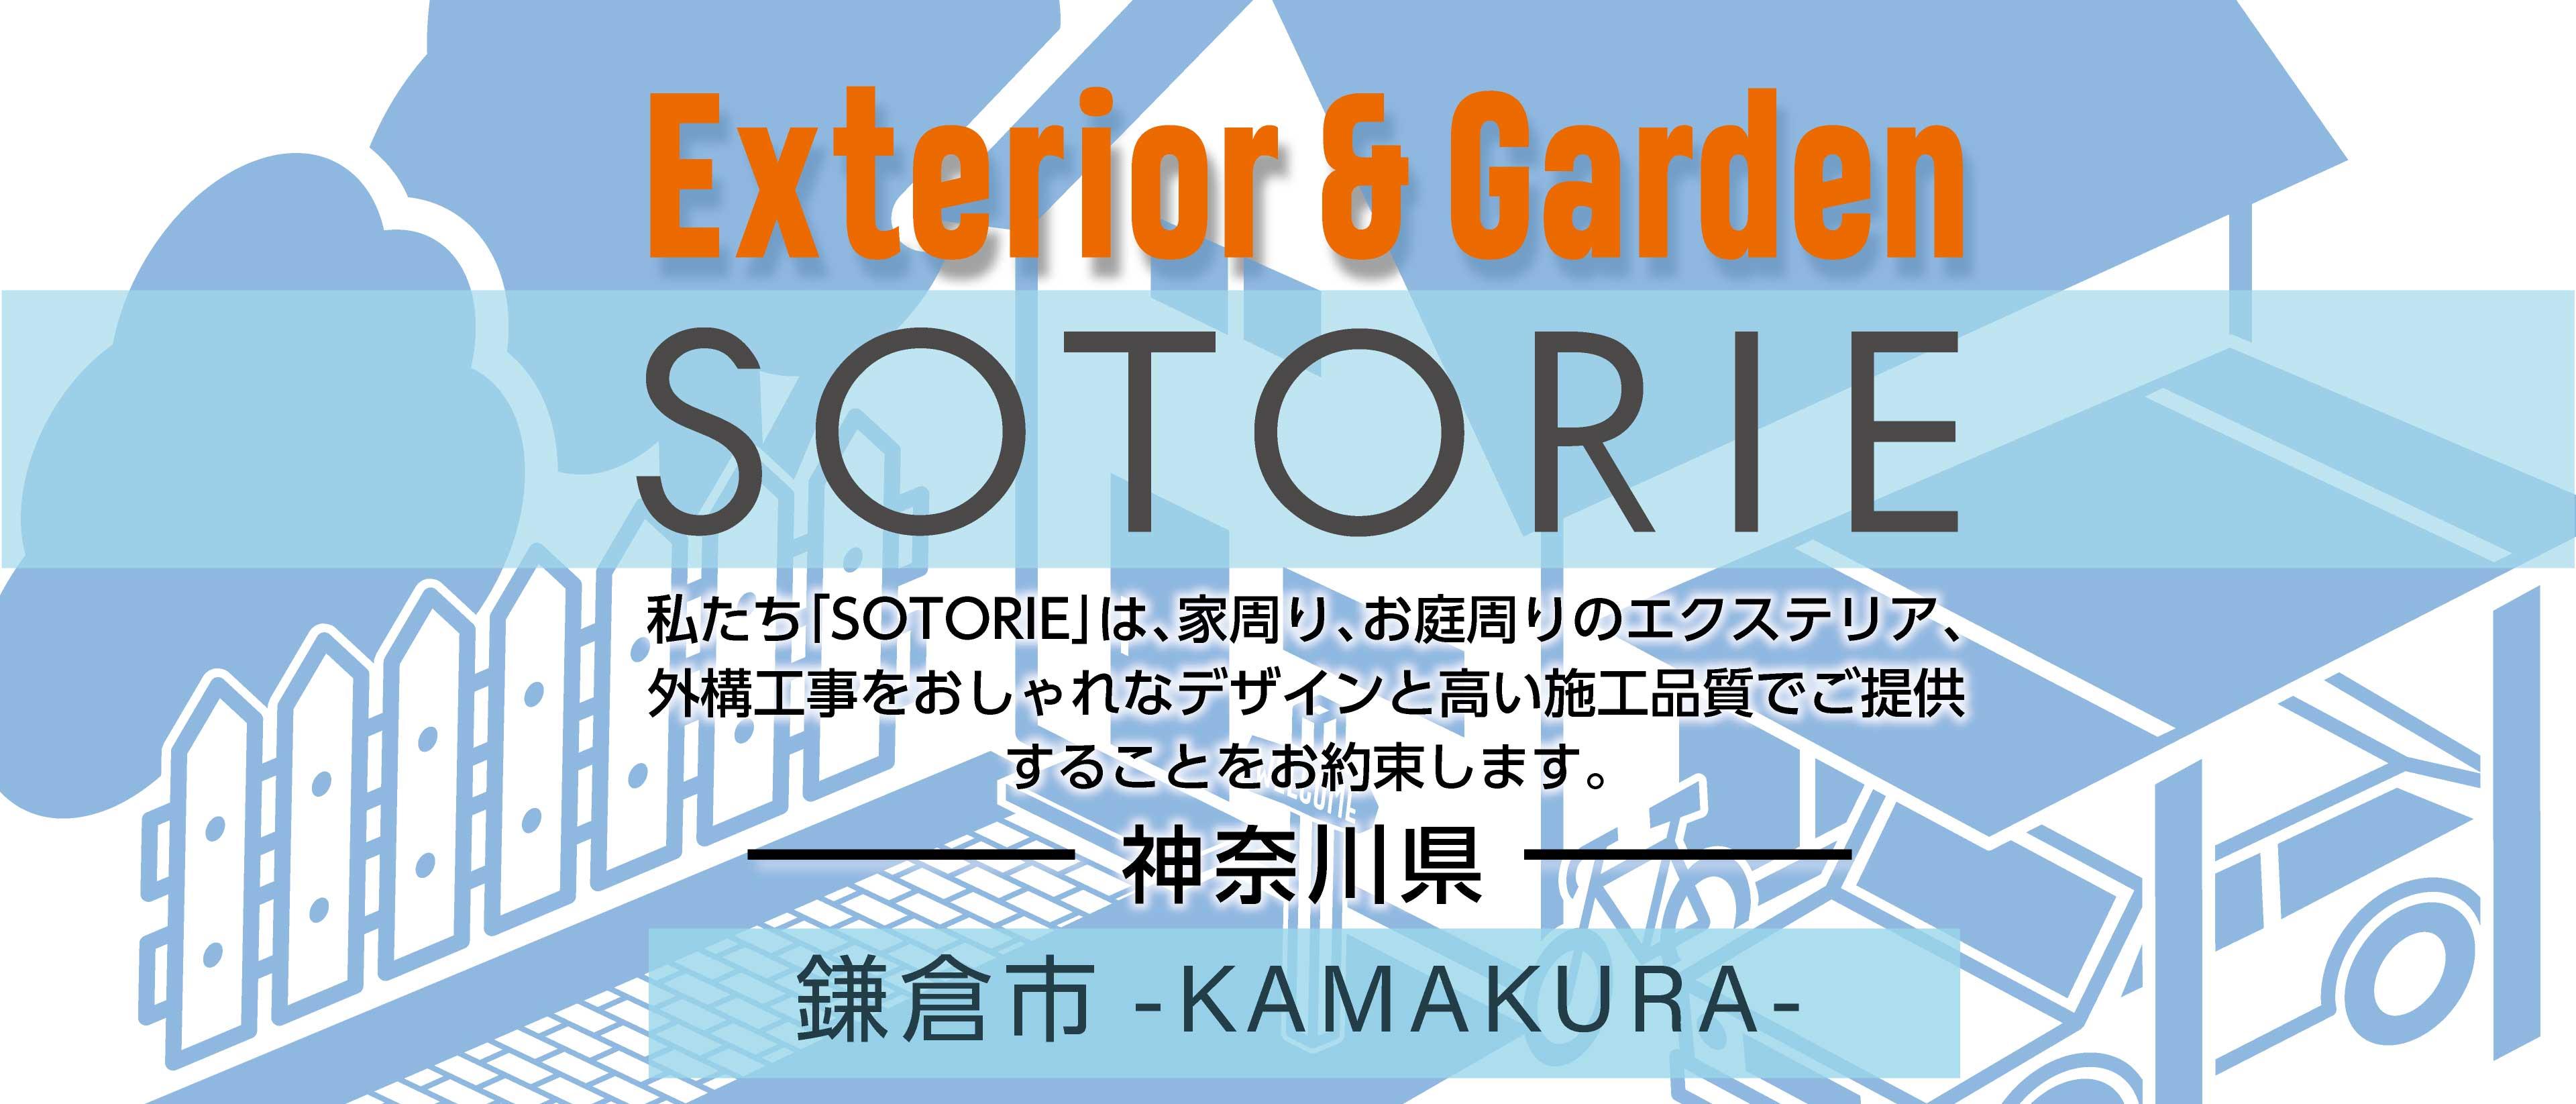 ソトリエ鎌倉市では、家周りと庭周りの外構、エクステリア工事をおしゃれなデザインと高い施工品質でご提供することをお約束します。